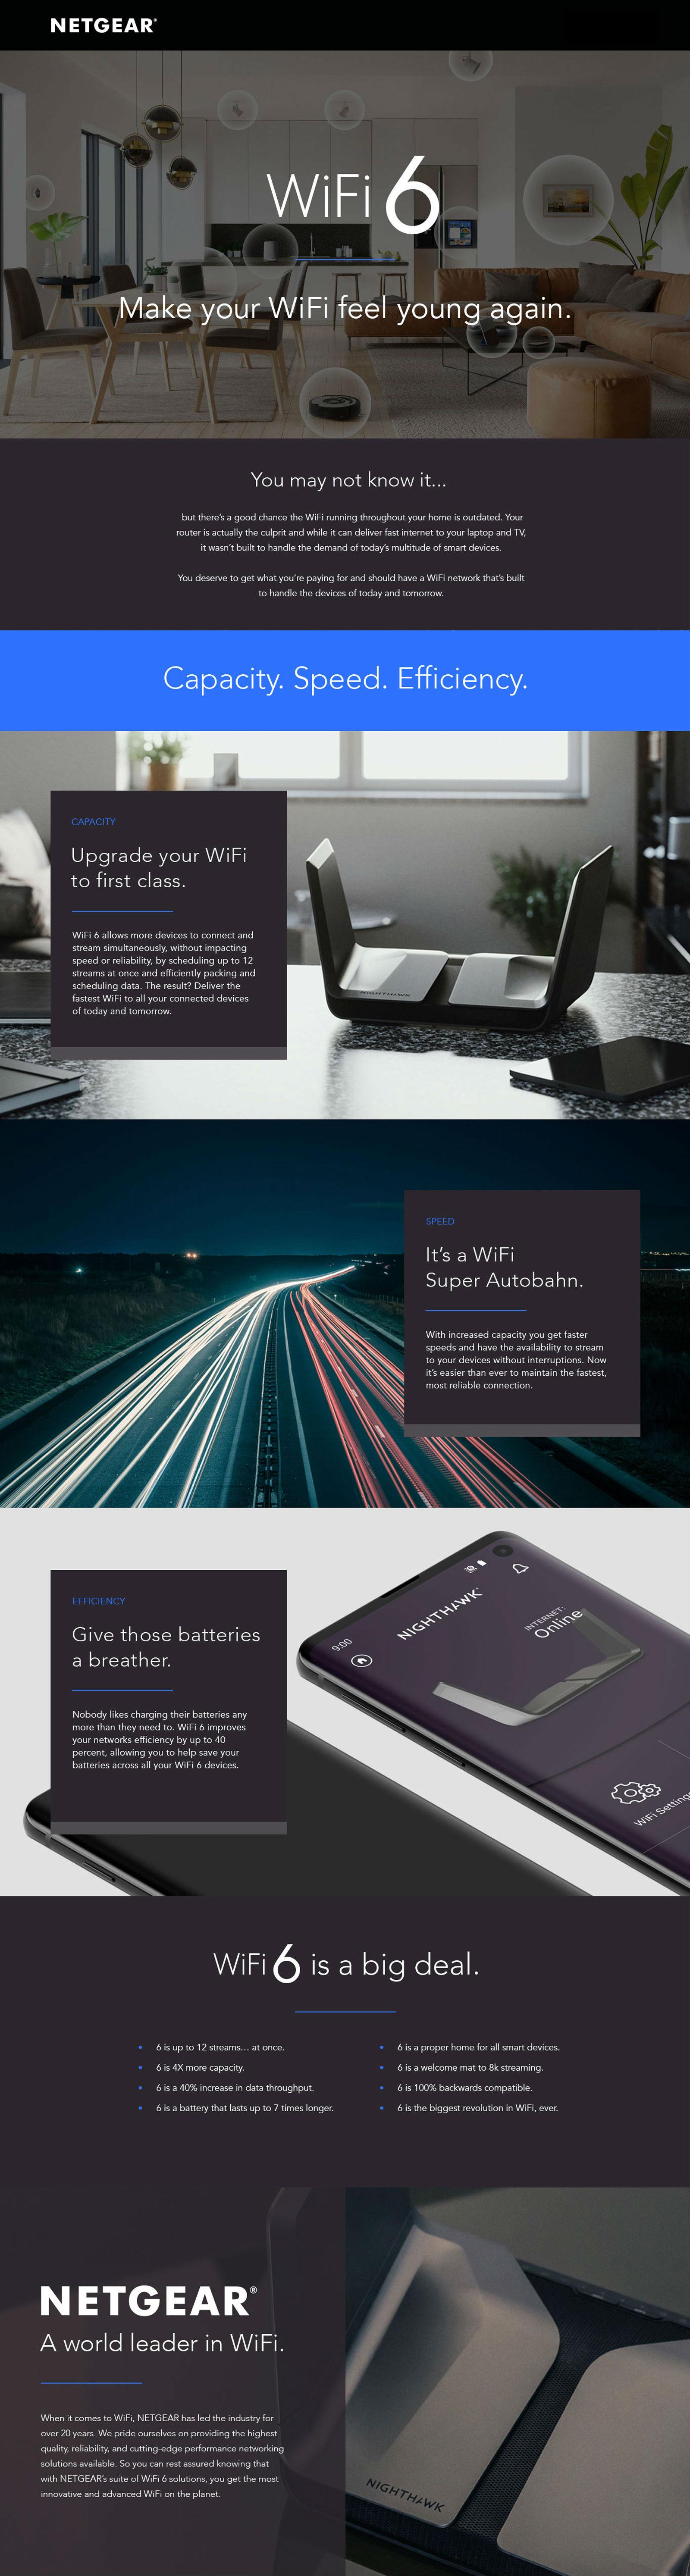 Netgear AX3000 Nighthawk 4 Stream WiFi 6 Router (RAX40)